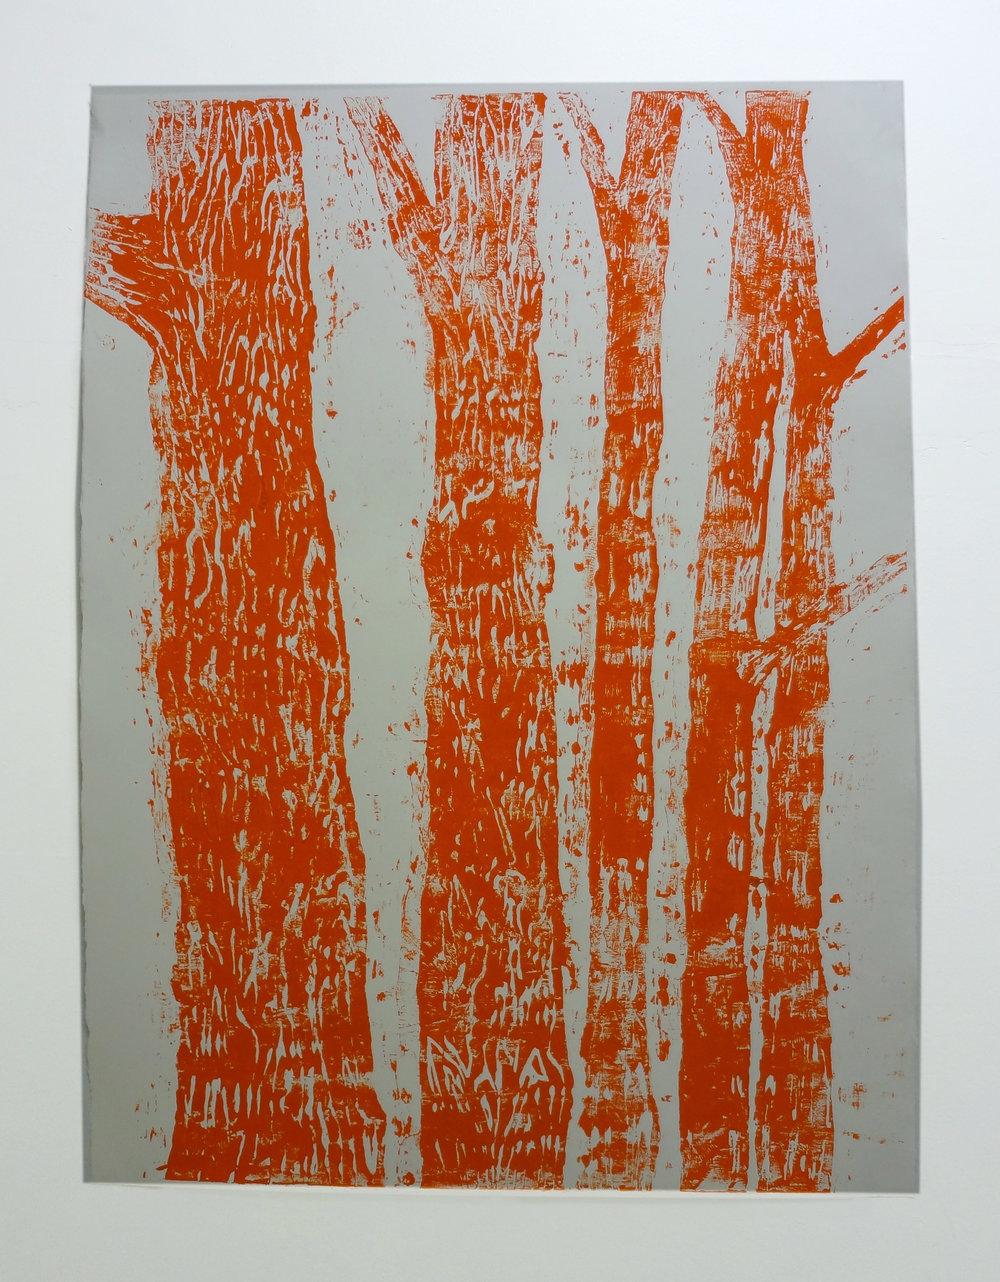 Meghan Gerety  Orange Trees , 2012 blockprint ink on blockprint paper 40 x 30 in.